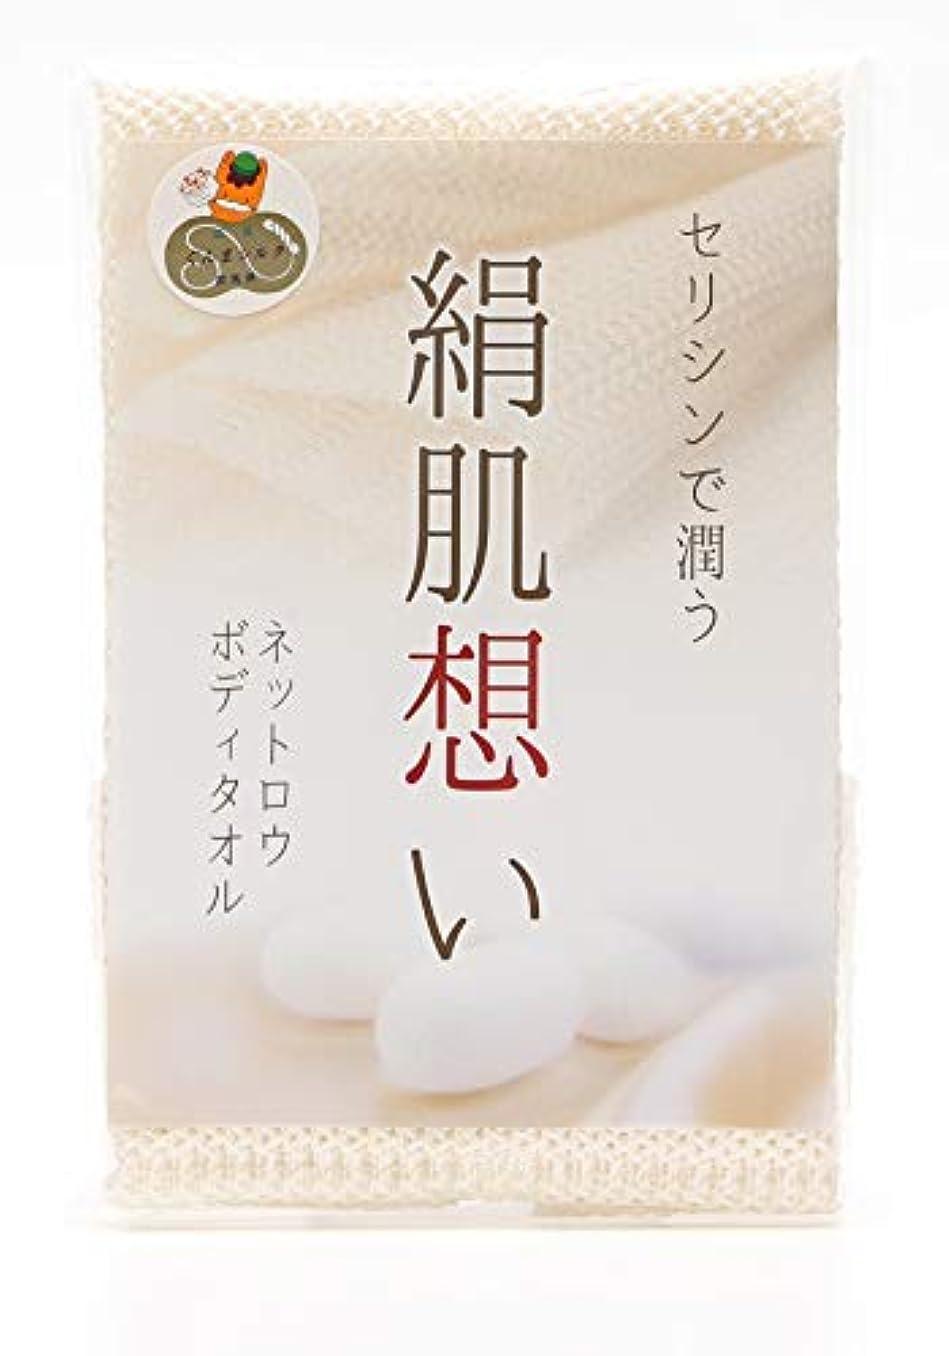 日の出大胆断線[ハッピーシルク] シルクボディータオル 「絹肌想い 」浴用ボディタオル セリシンで潤う シルク100% ネットロウ